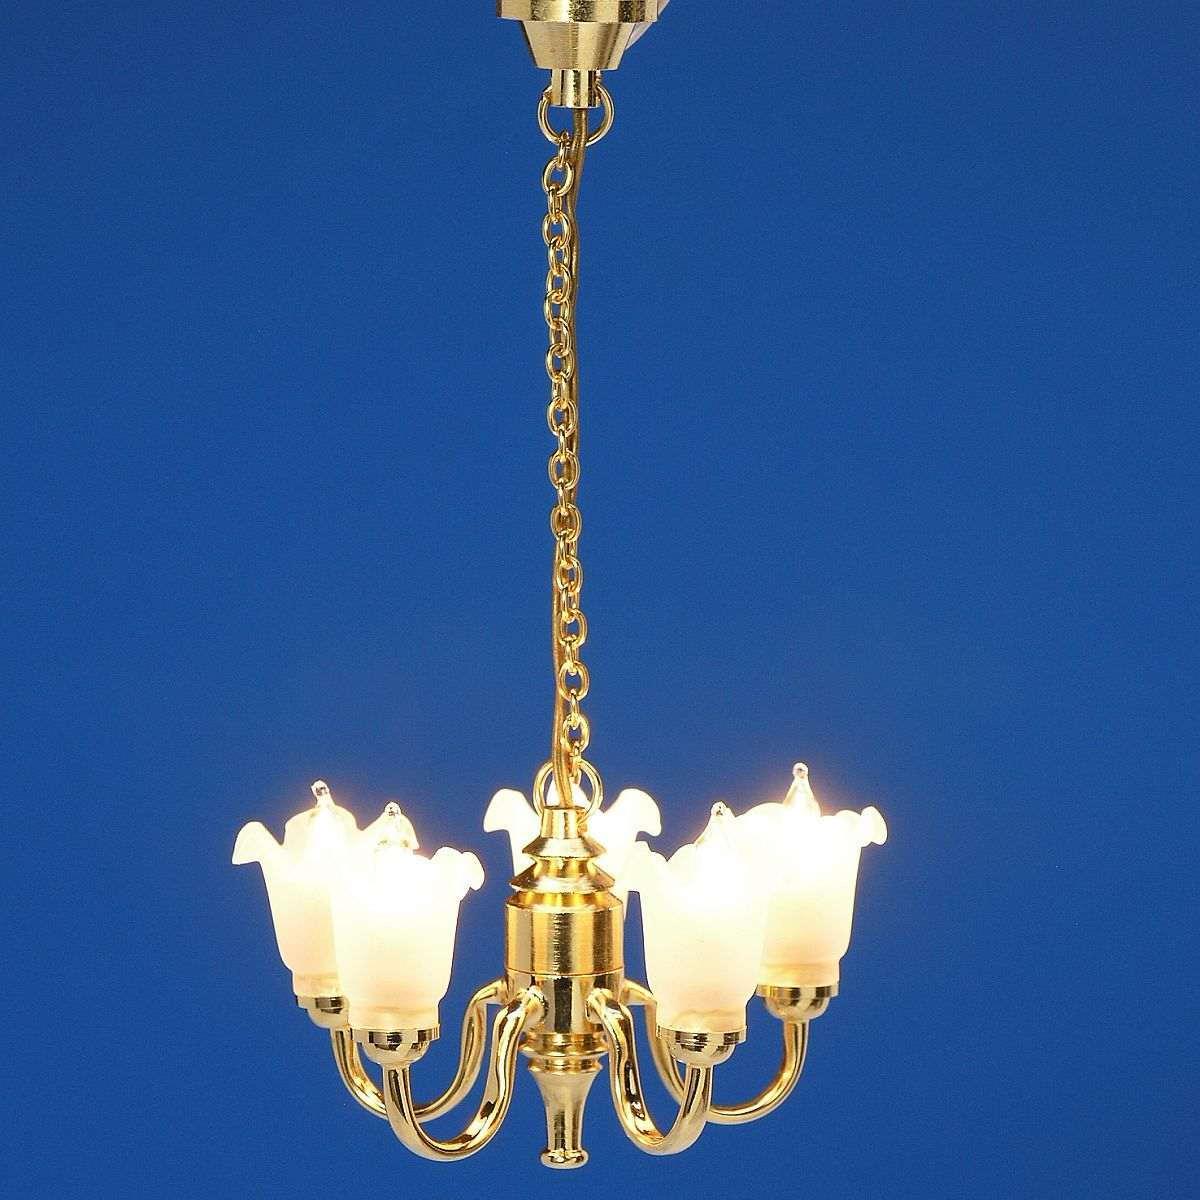 5-lamp chandelier, MiniLux